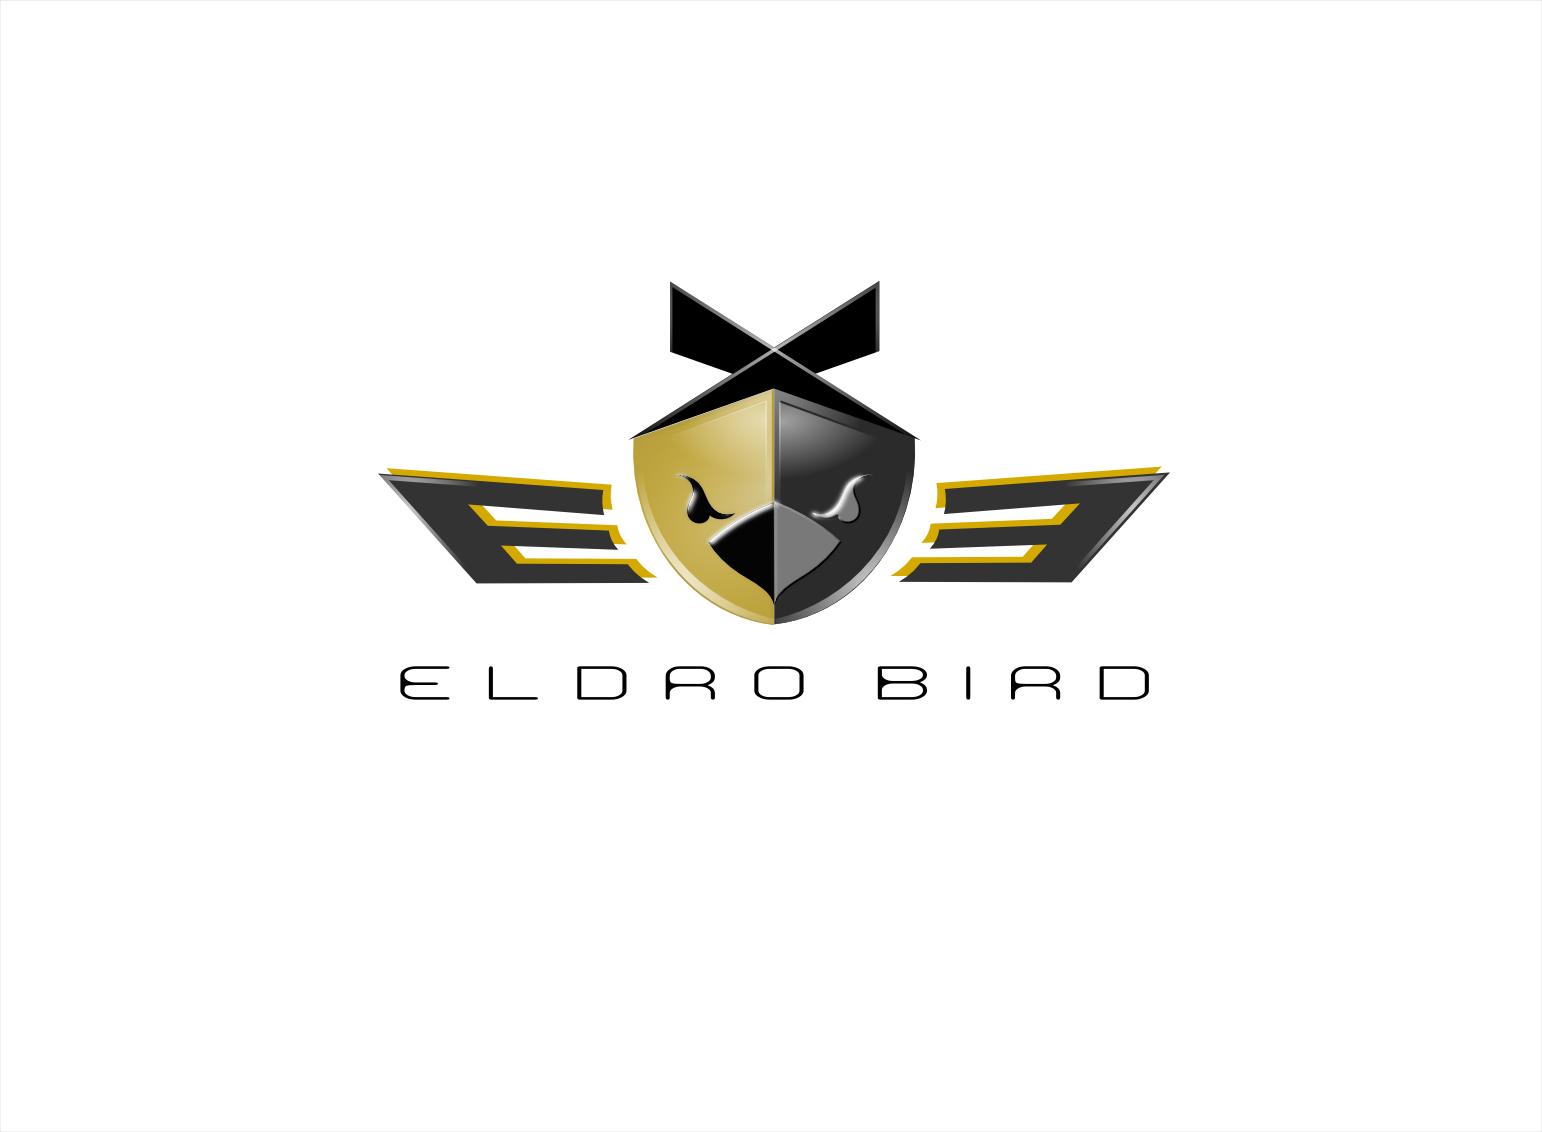 Logo Design by Joseph calunsag Cagaanan - Entry No. 86 in the Logo Design Contest New Logo Design for Bird car.